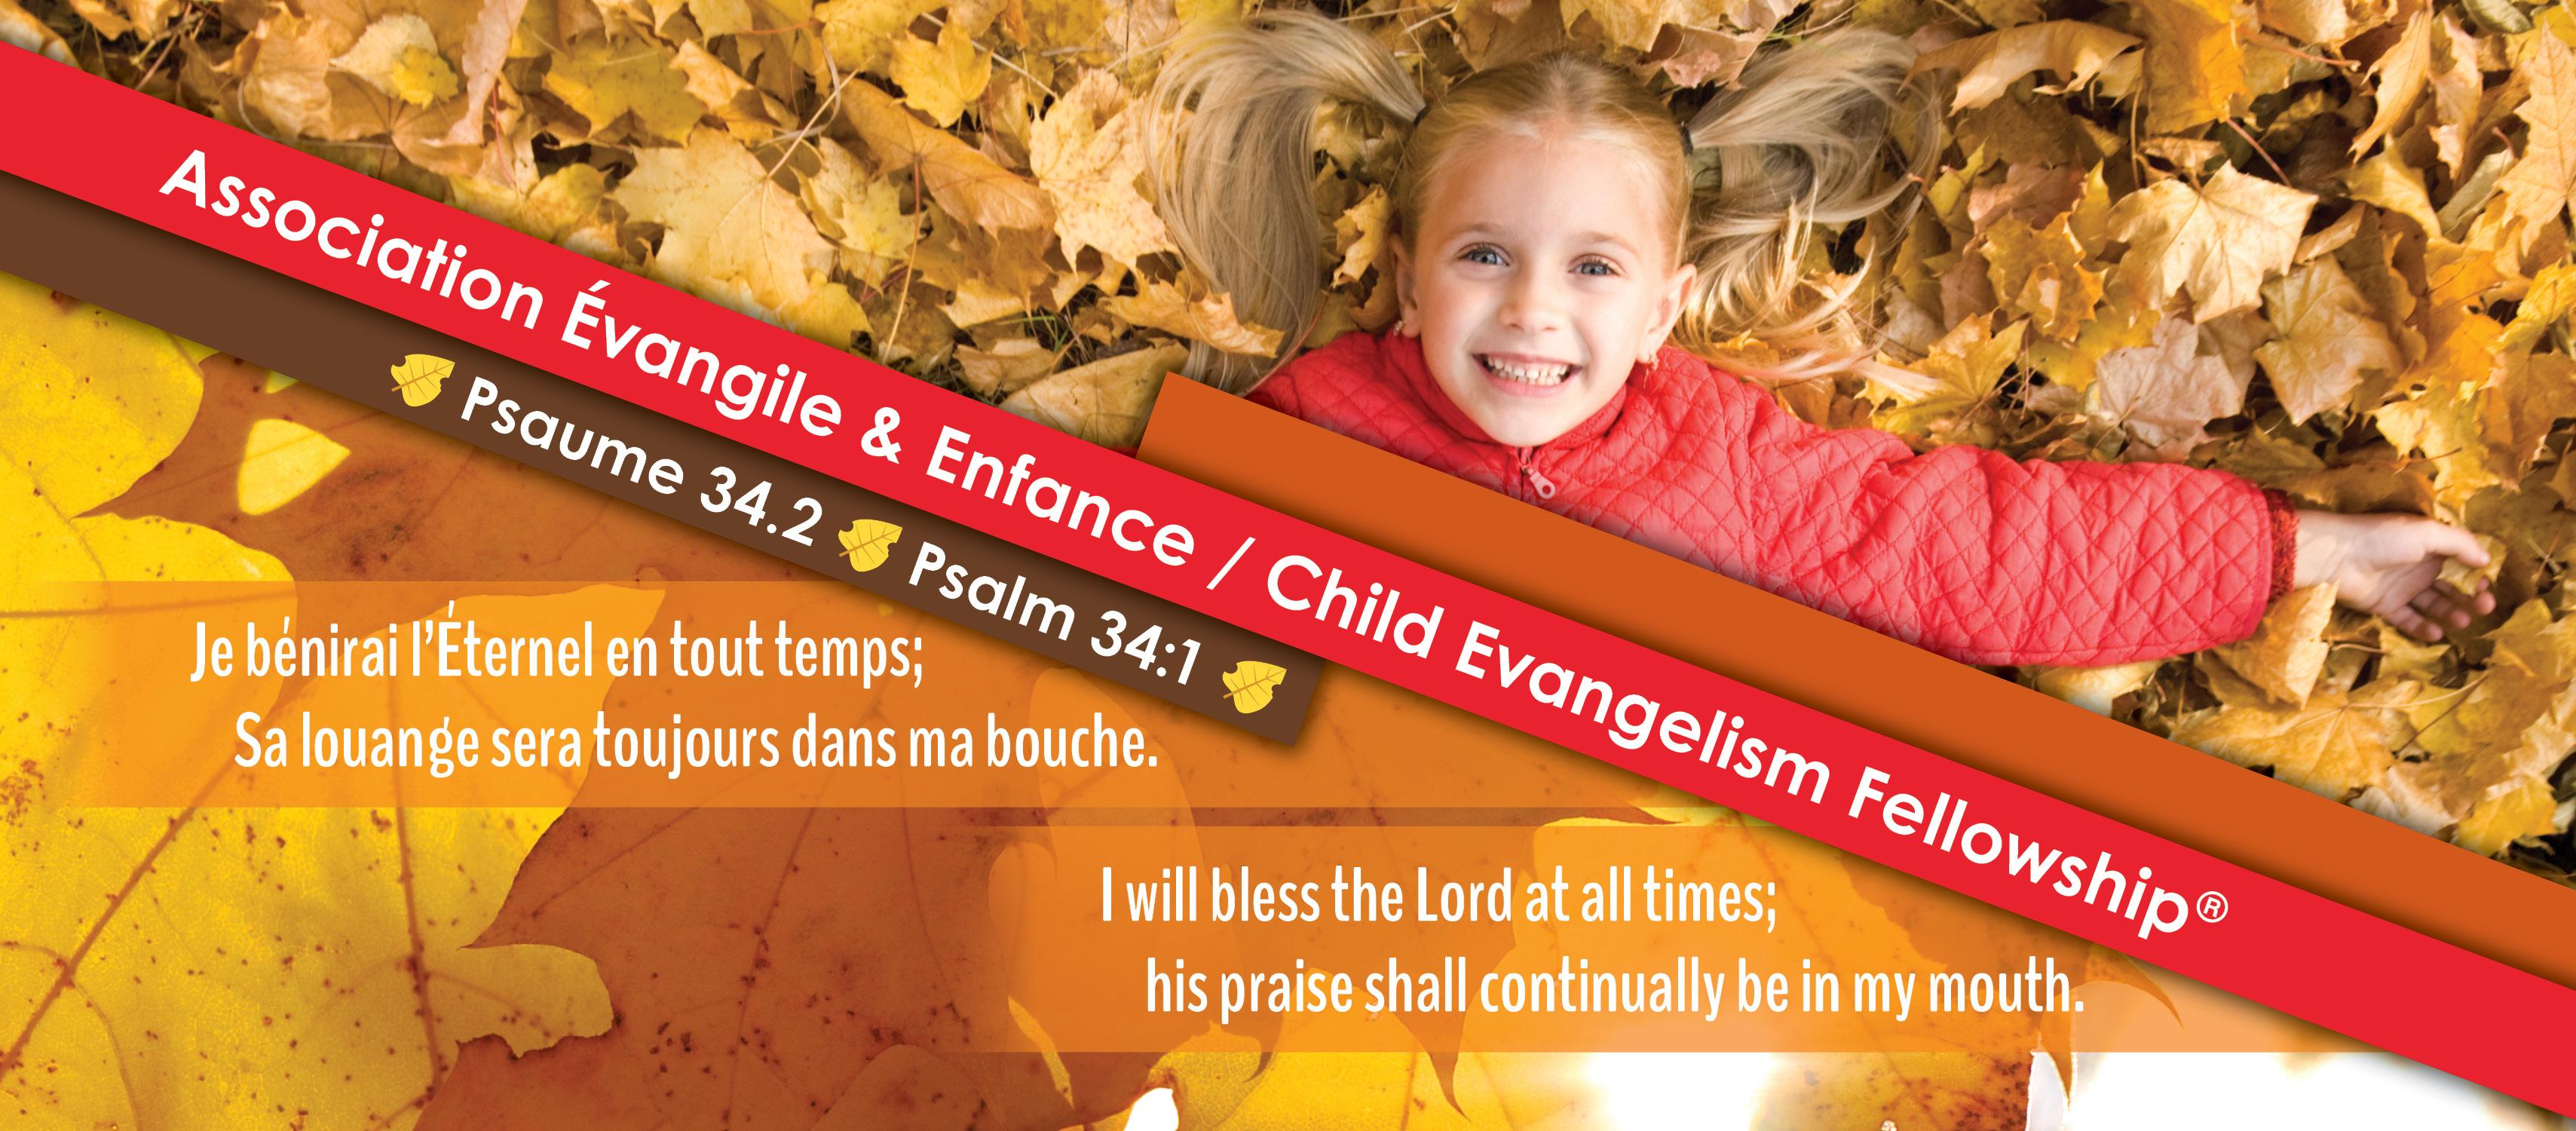 Psaume 34.2  Psalm 34:1